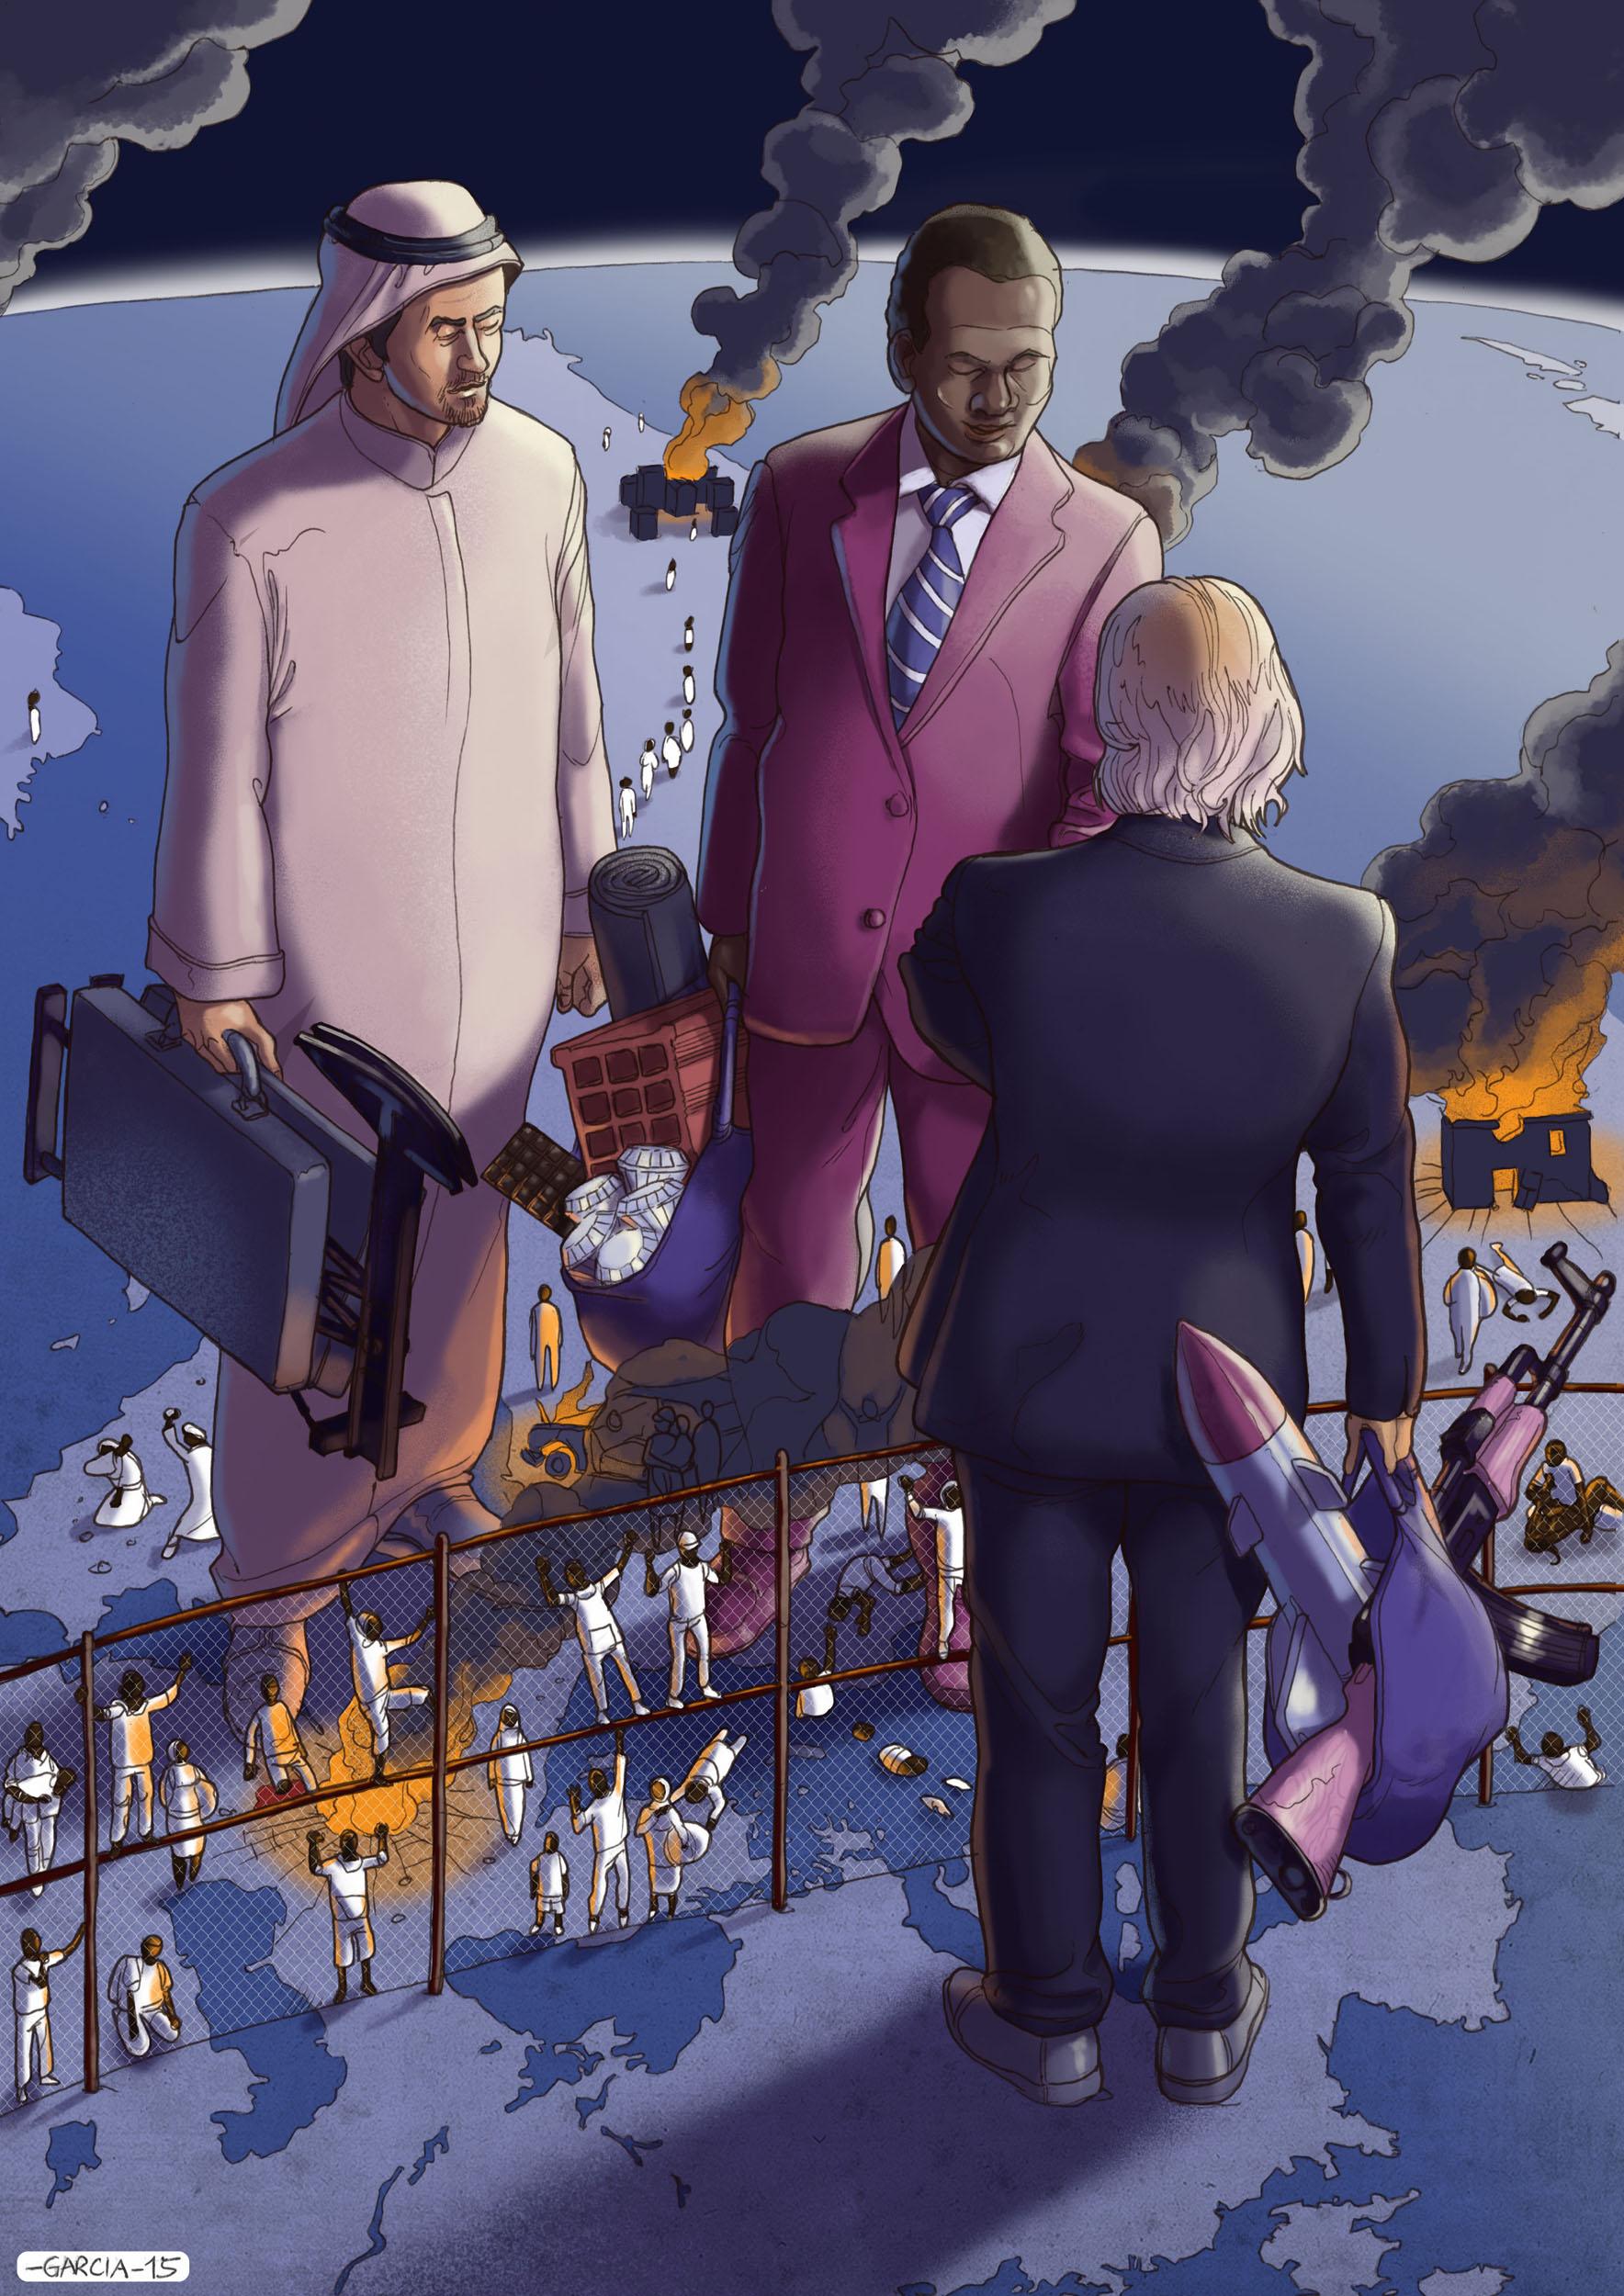 Daniel Garcia Art Illustration War Poverty Business refugees Migrations